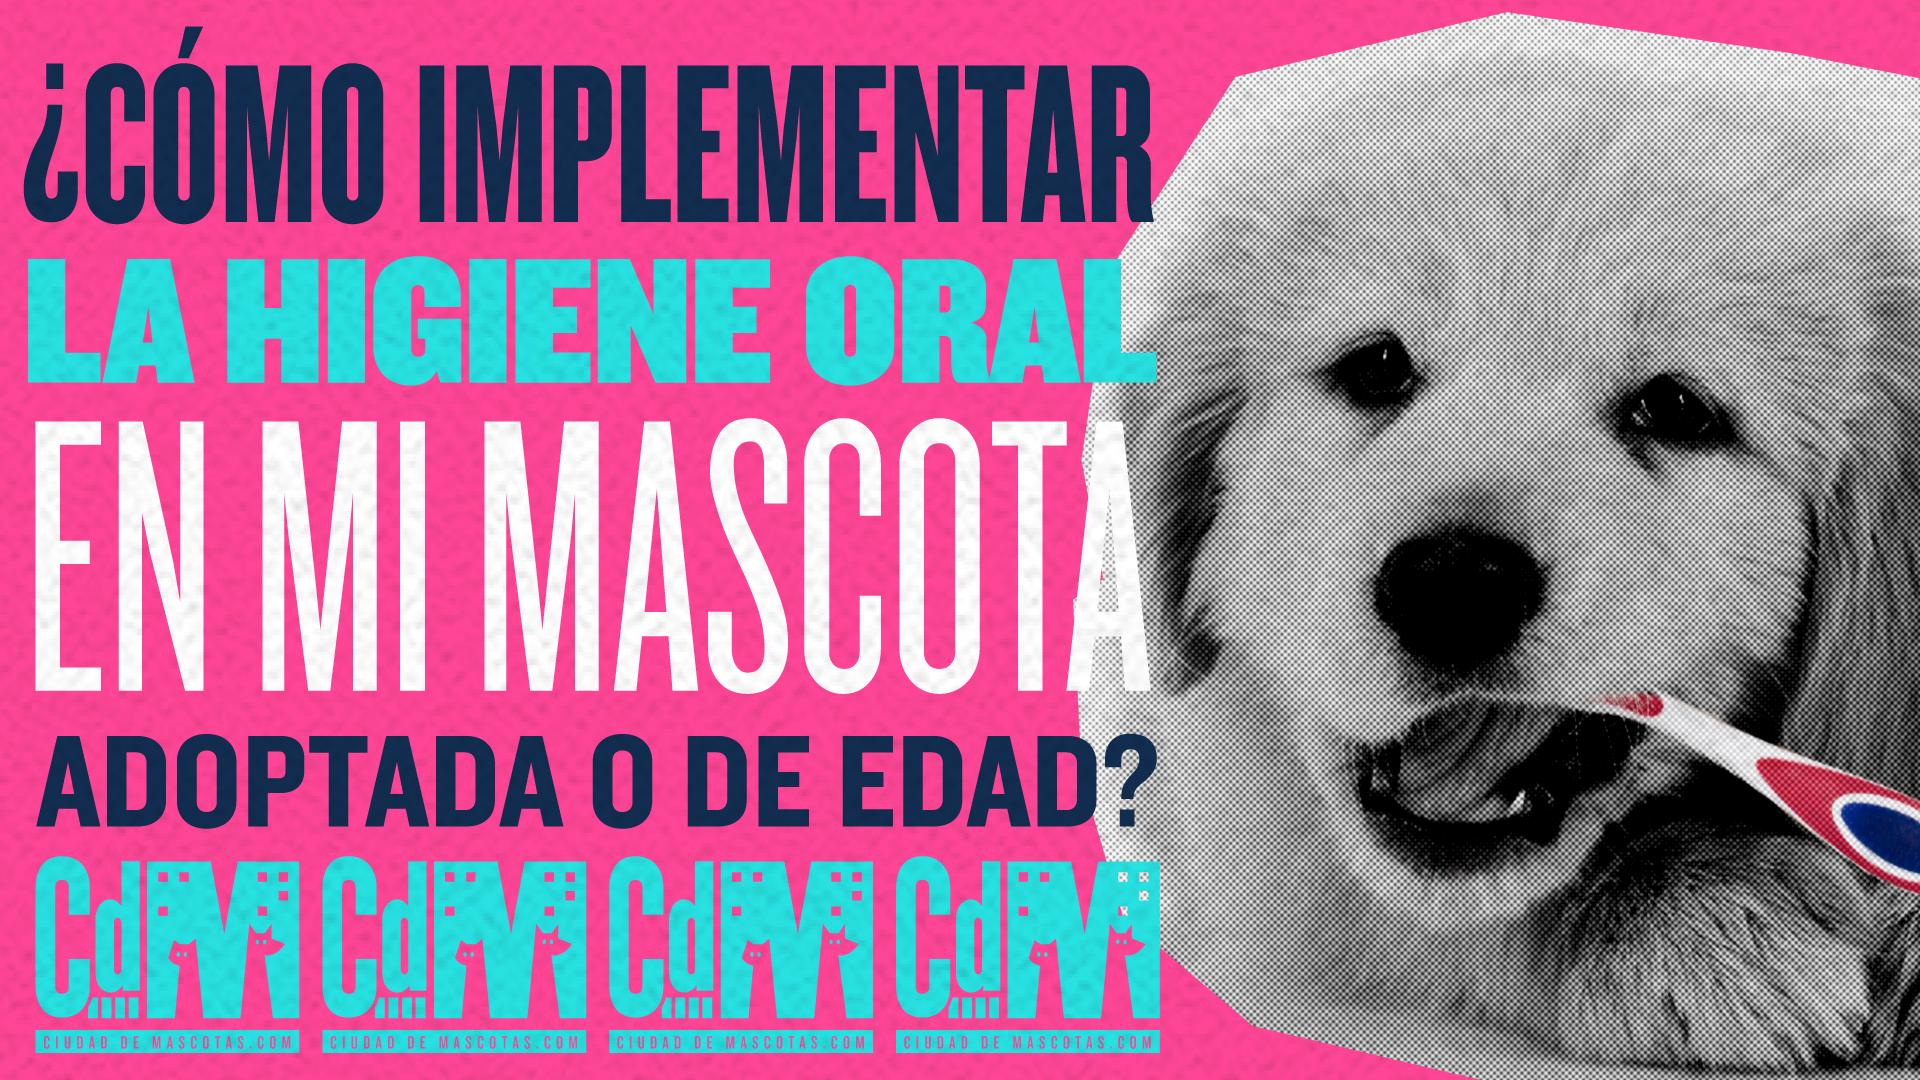 ¿Cómo implementar la higiene oral en mi mascota adoptada o de edad?